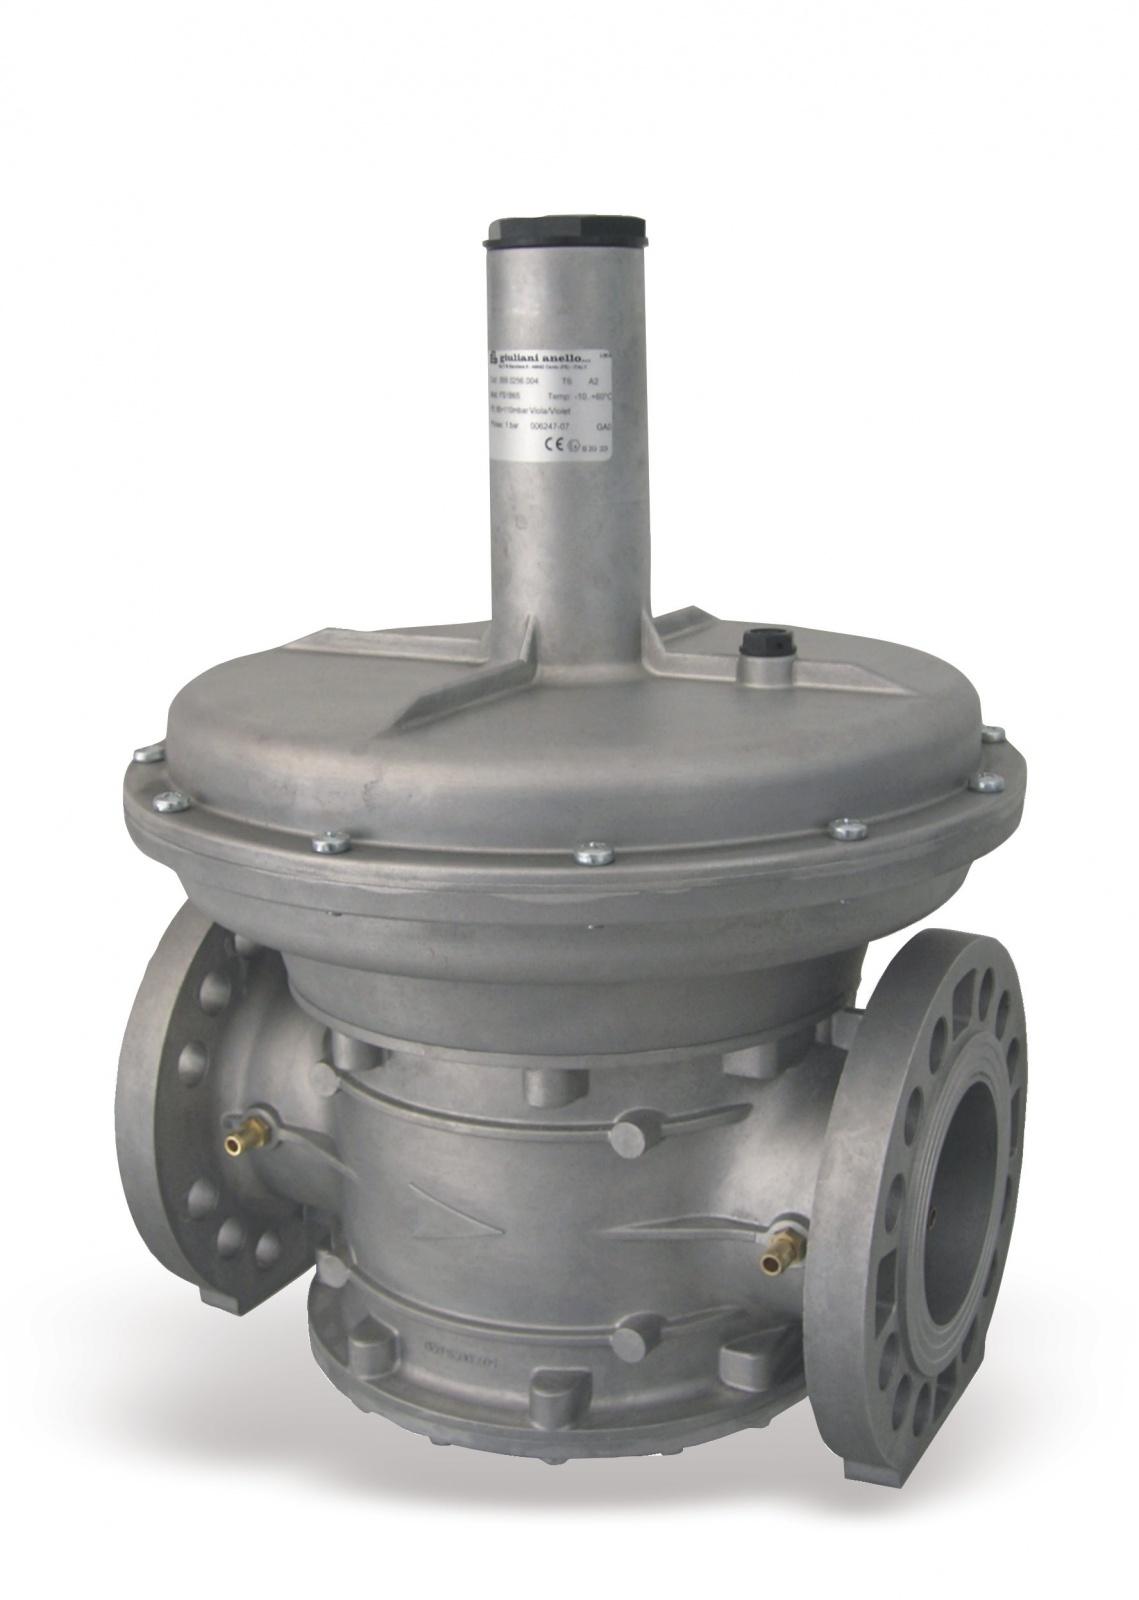 Регулятор давления газа со встроеныным фильтром BTFR/5CE